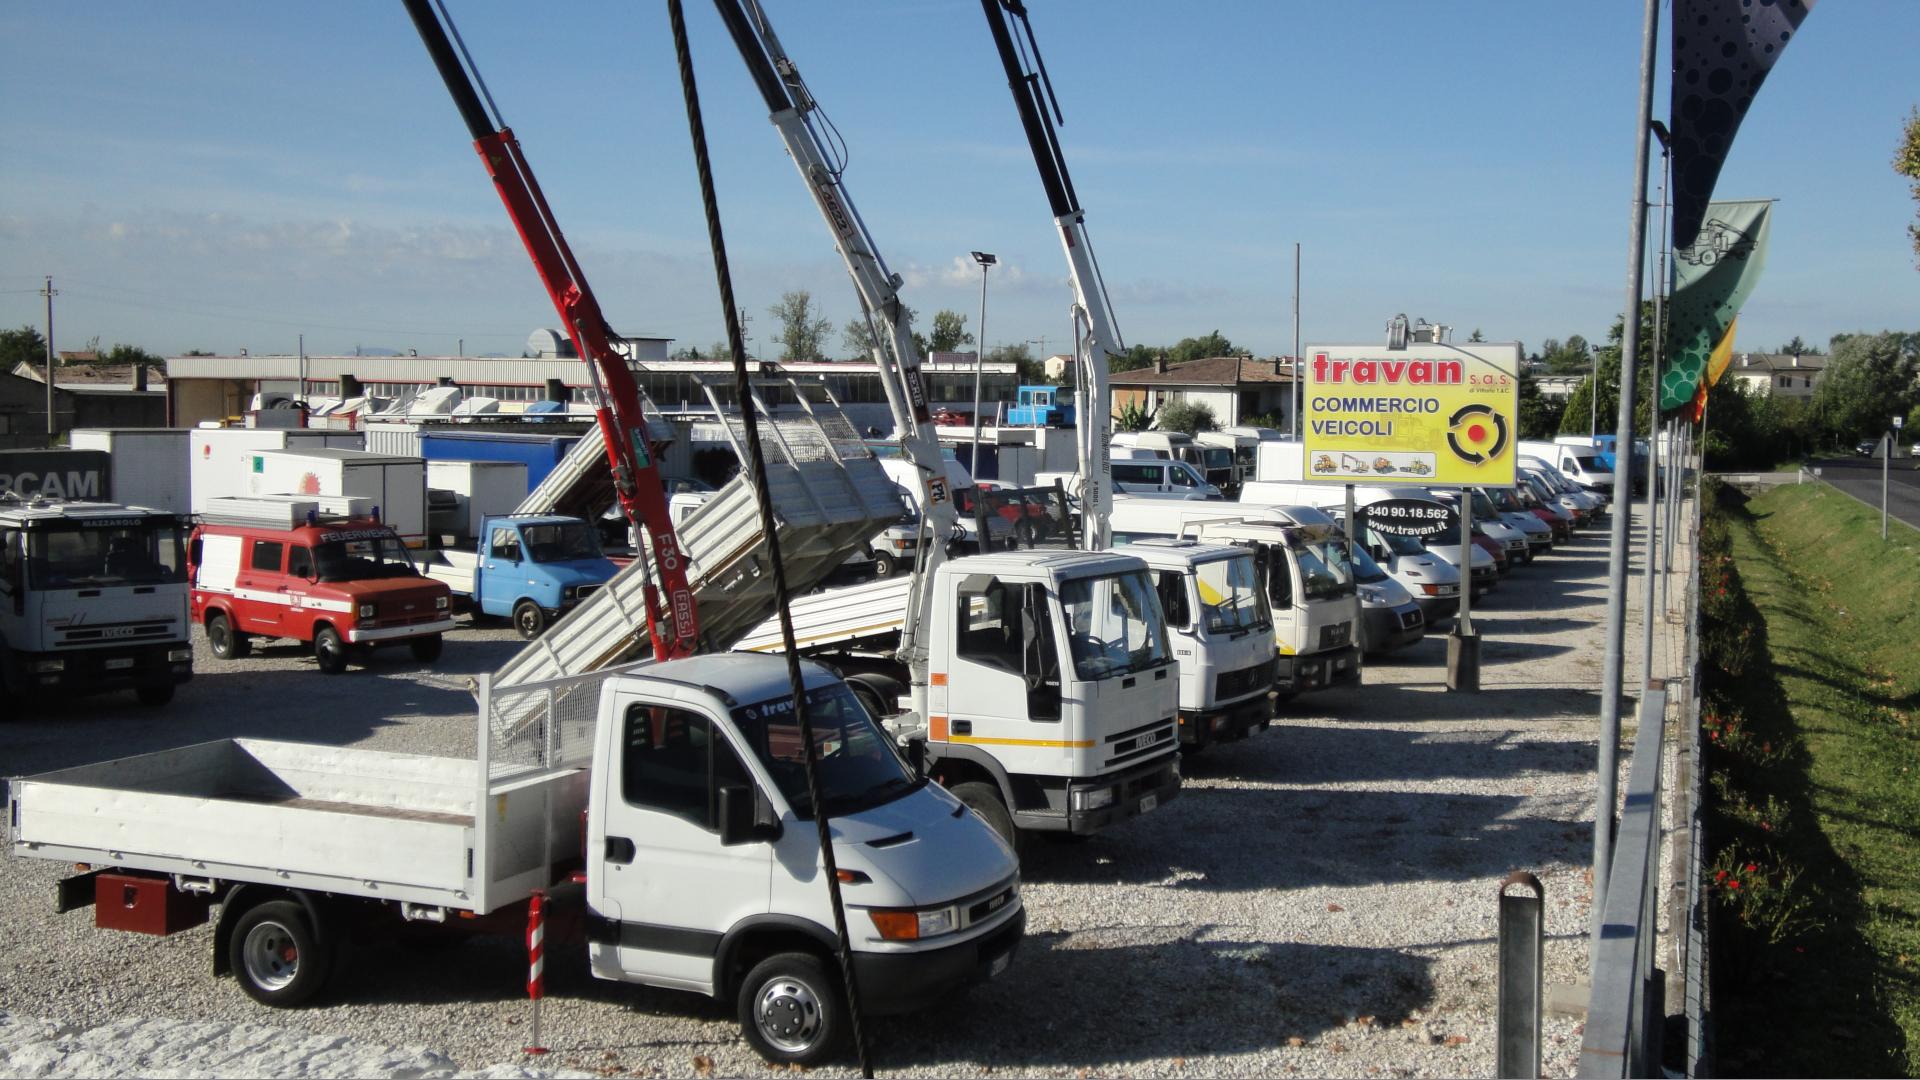 Travan sas di Vittorio Travan - San Zenone degli ezzelini Treviso - Commercio veicoli industrili e commerciali, soprattutto usati